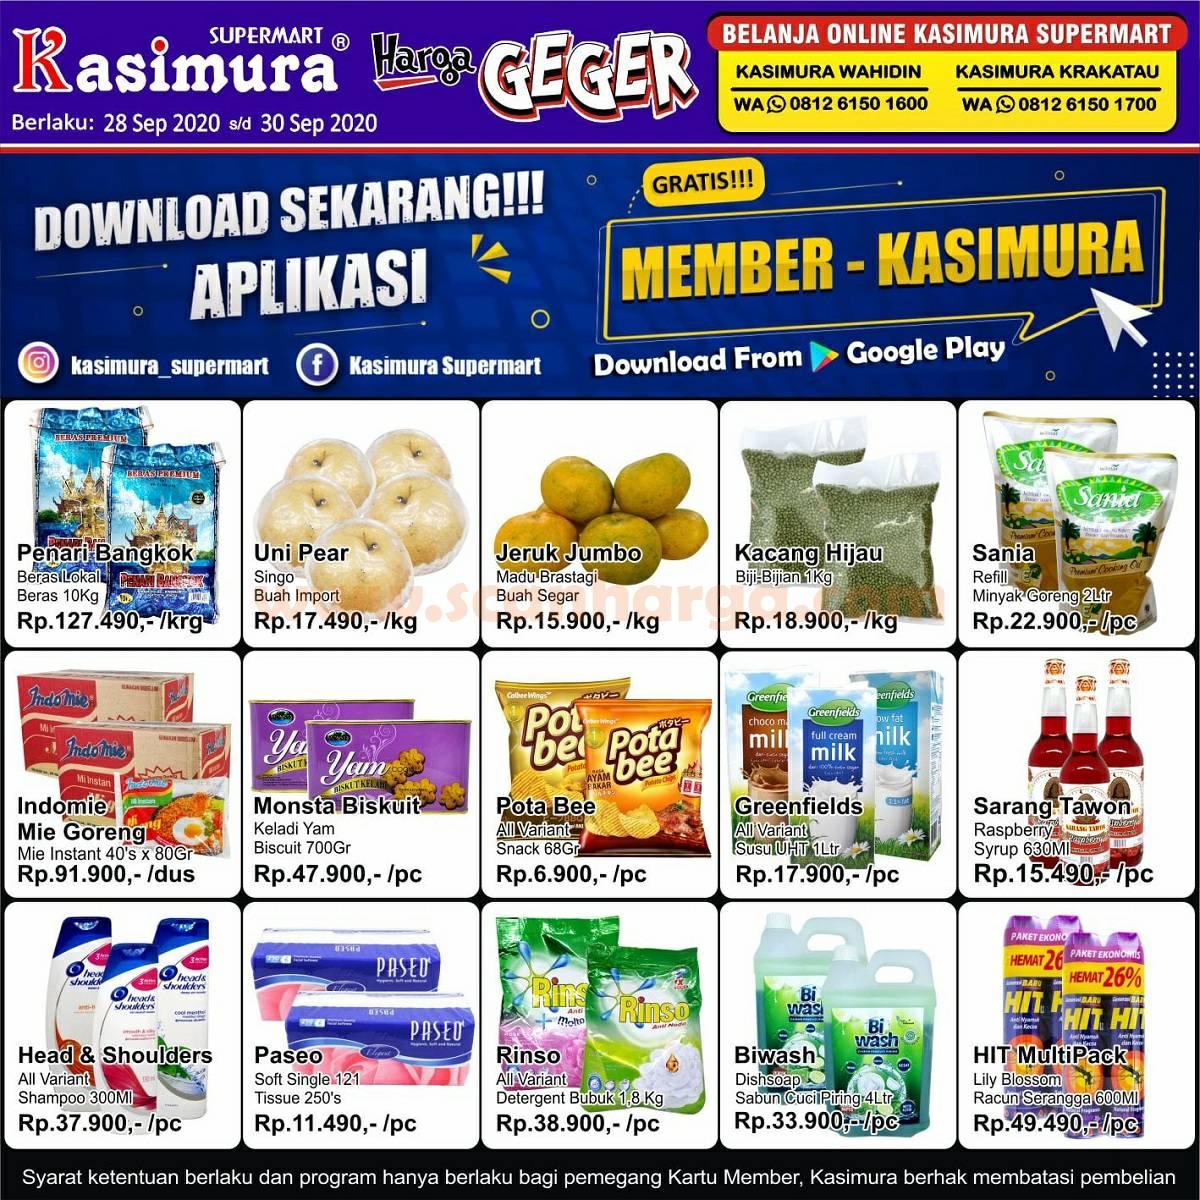 Katalog Kasimura Supermarket Weekday Promo Harga Geger Periode 28 - 30 September 2020